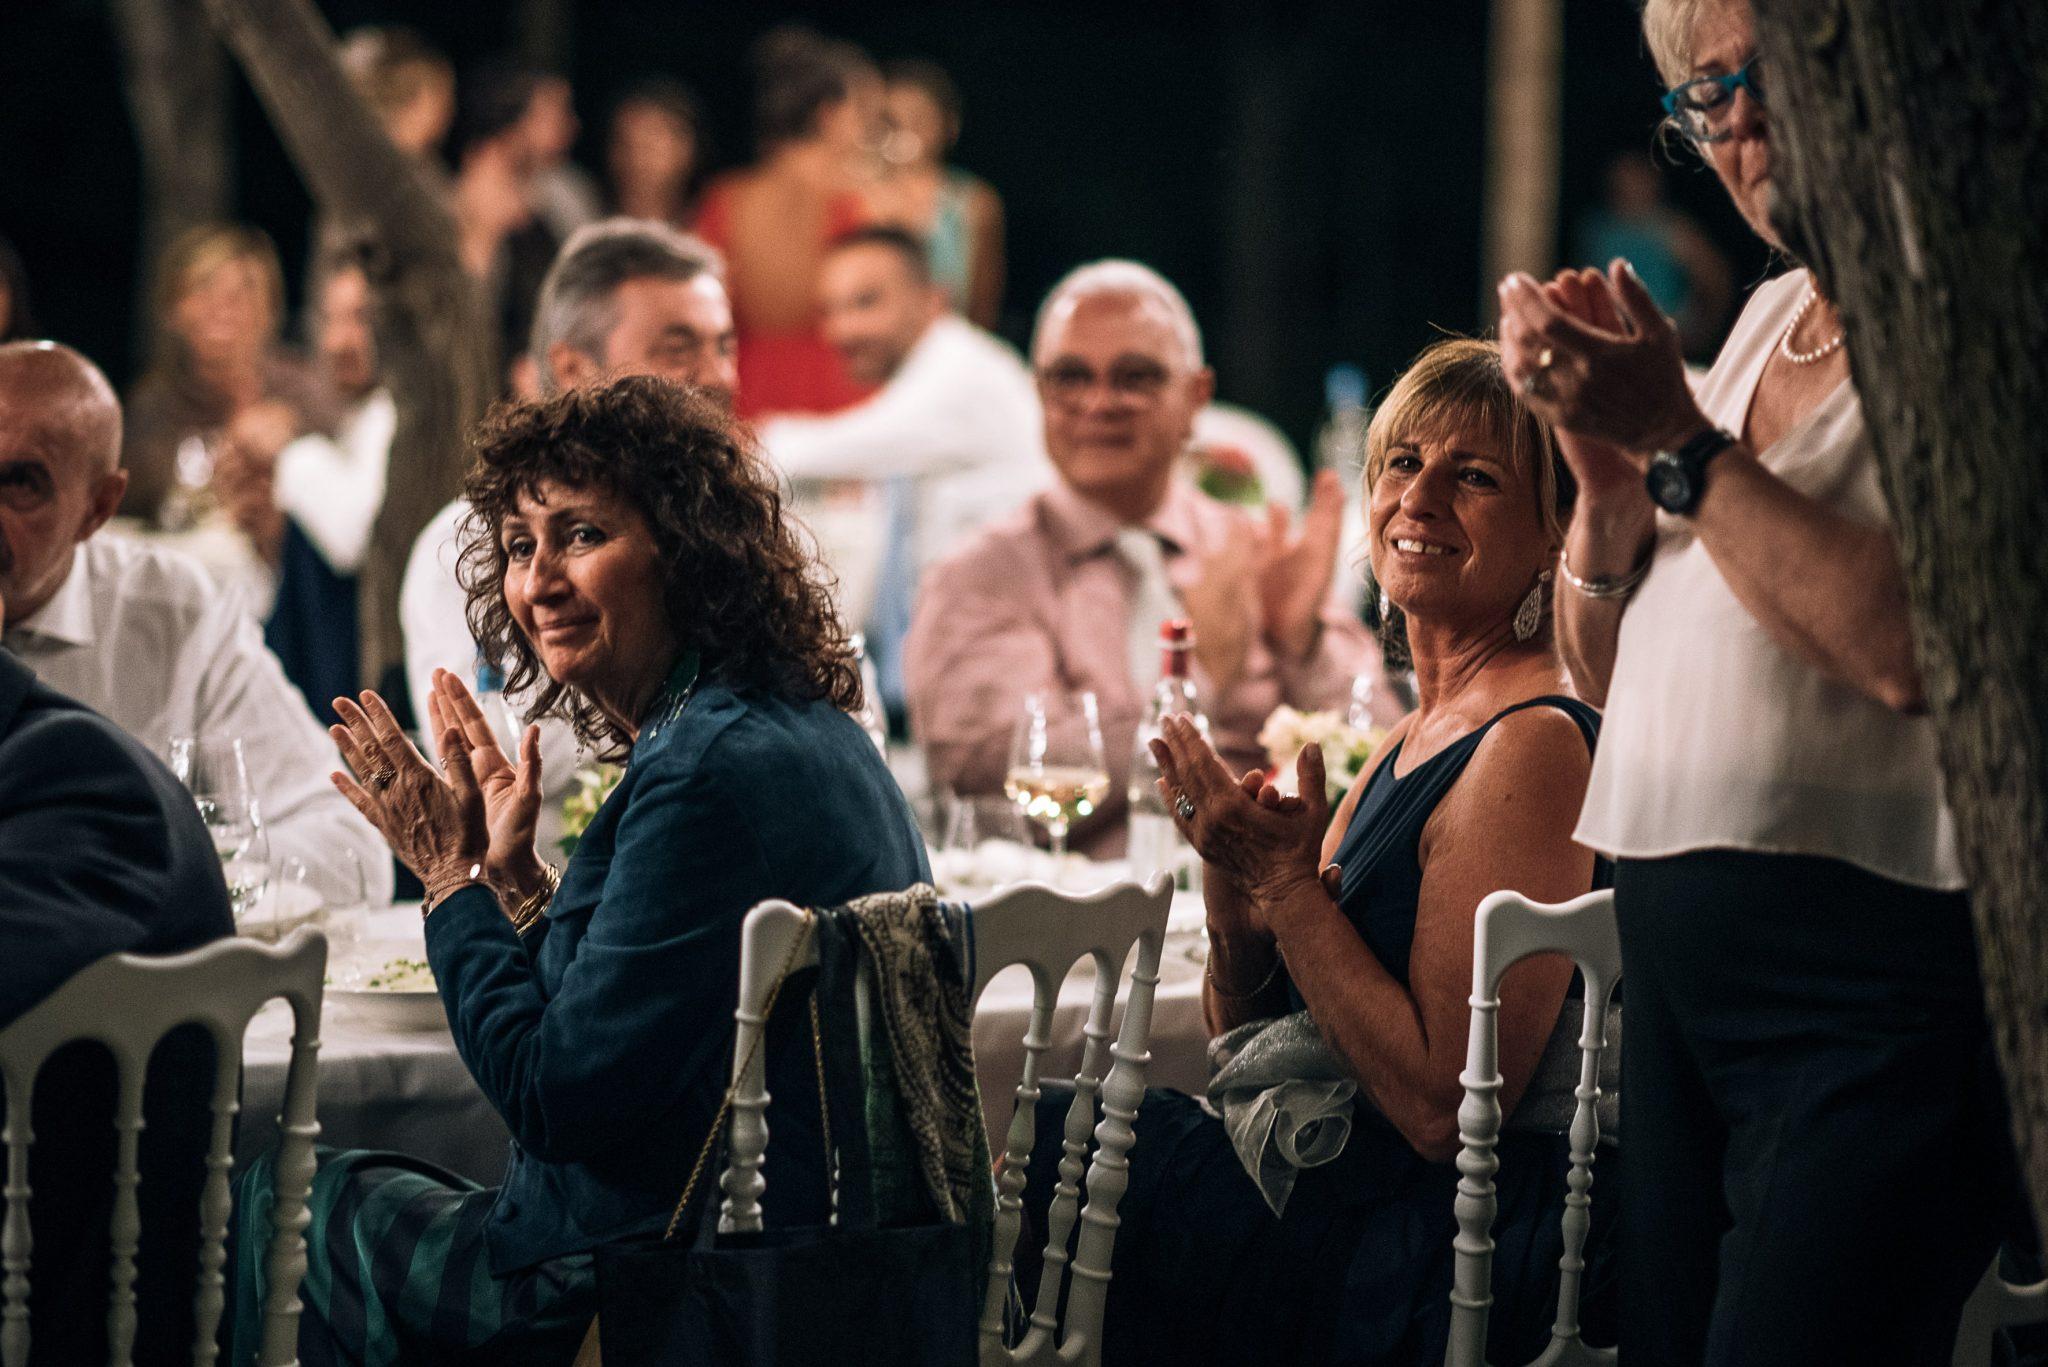 gli invitati applaudono alla cena del matrimonio